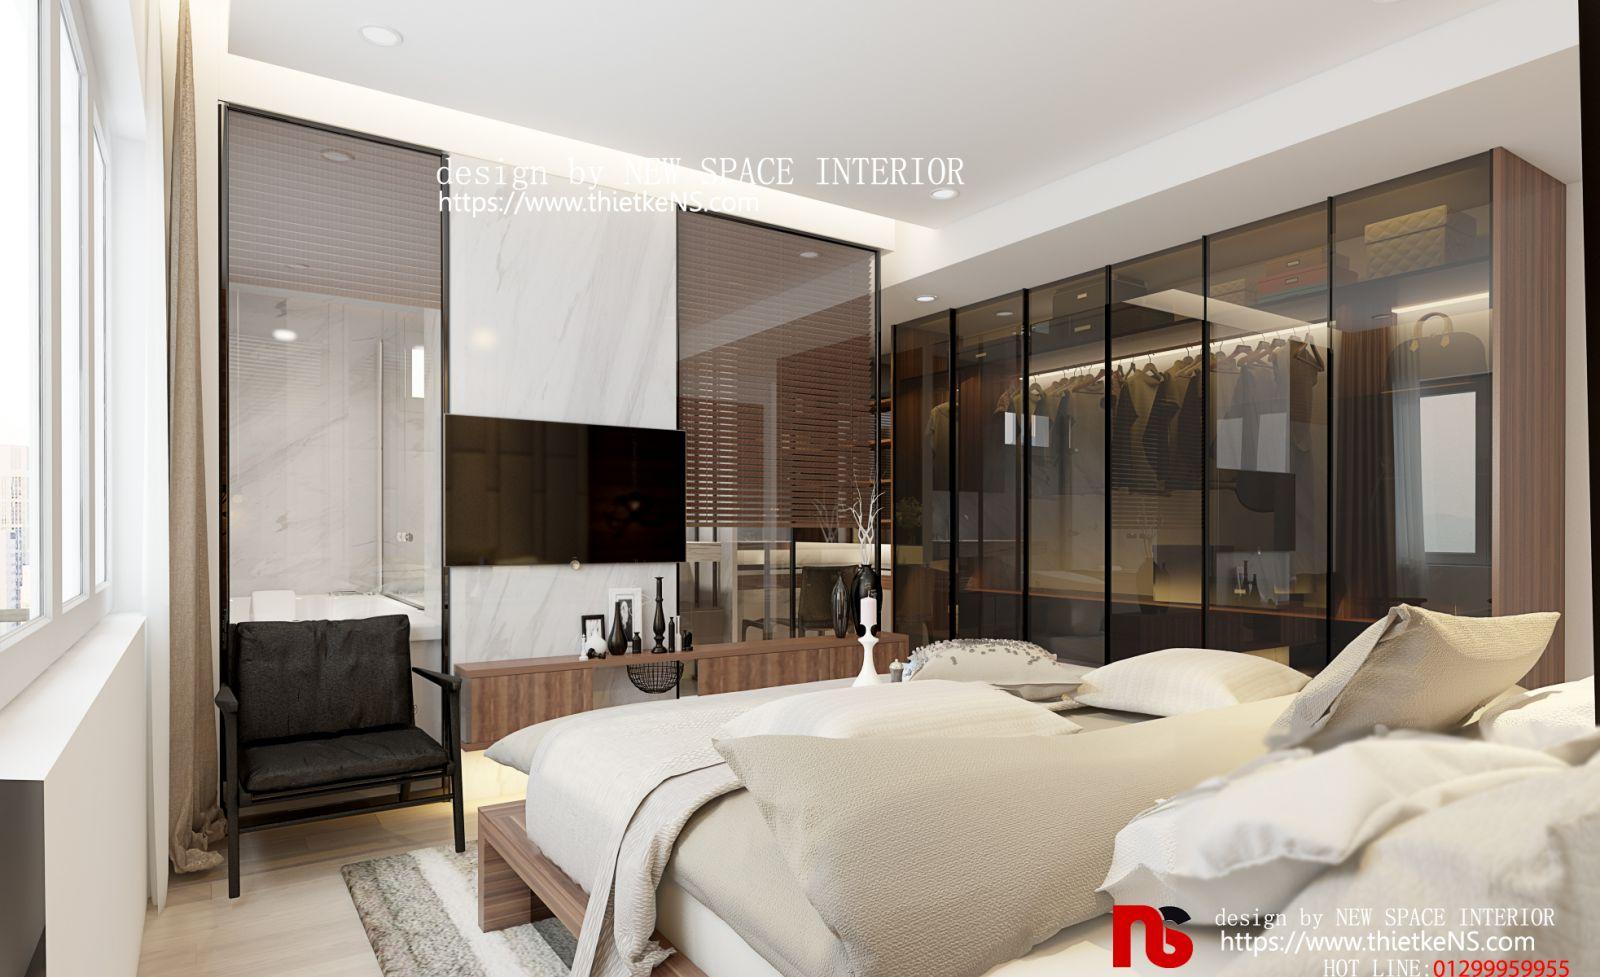 Thiết kế nội thất chung cư shunshine riverside thời thượng, đẳng cấp